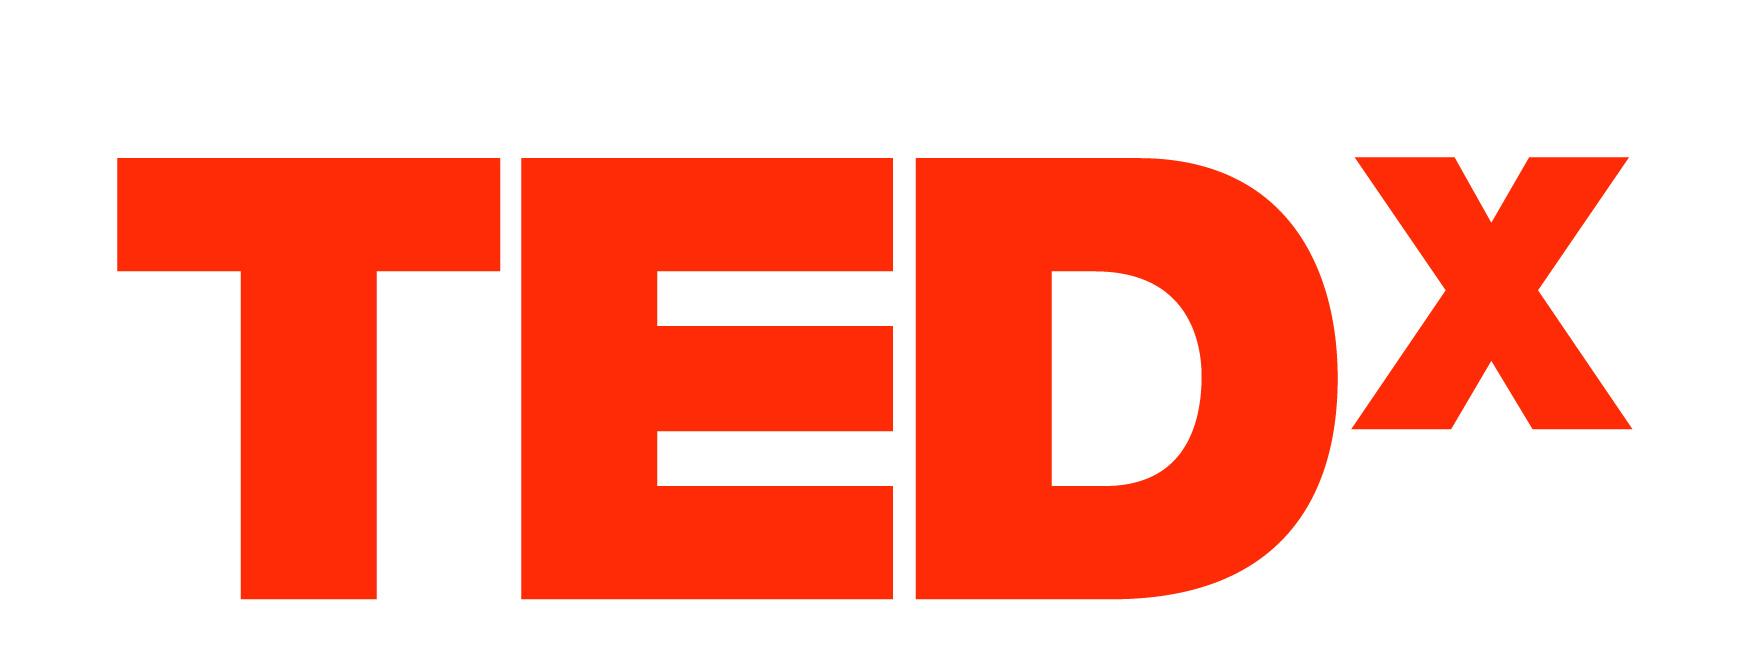 TED talks coach